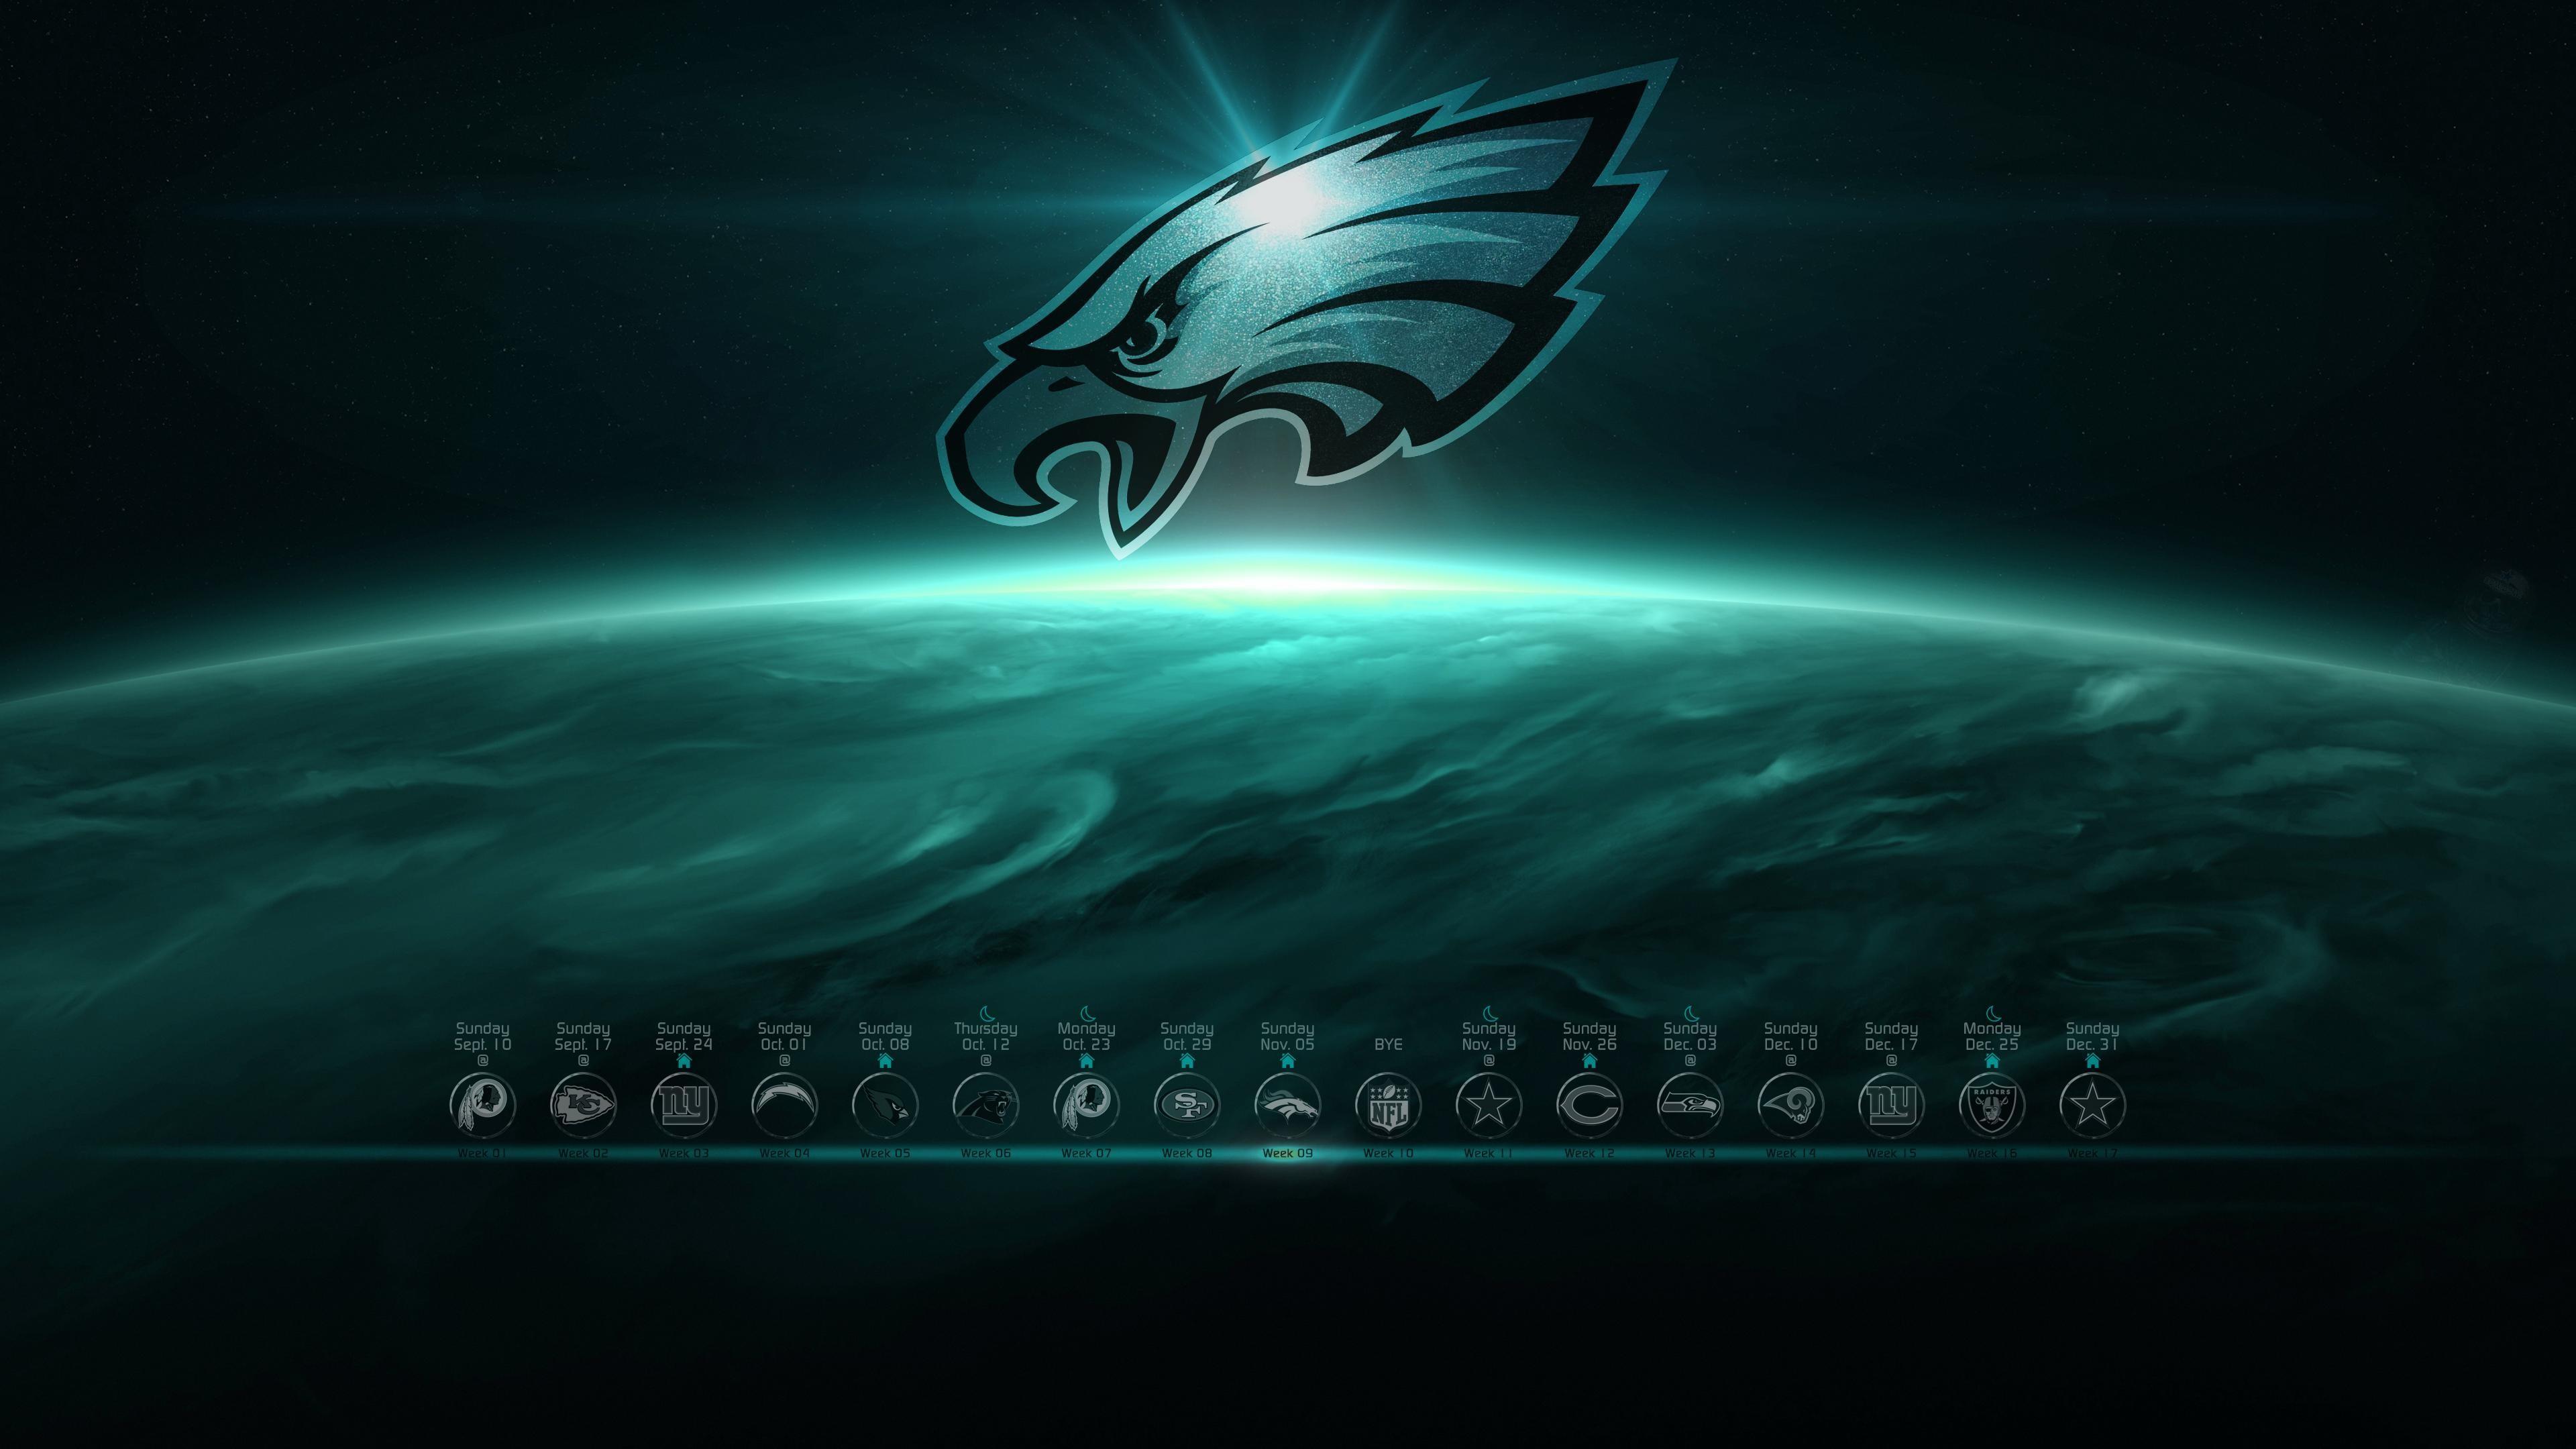 nfl eagles wallpaper